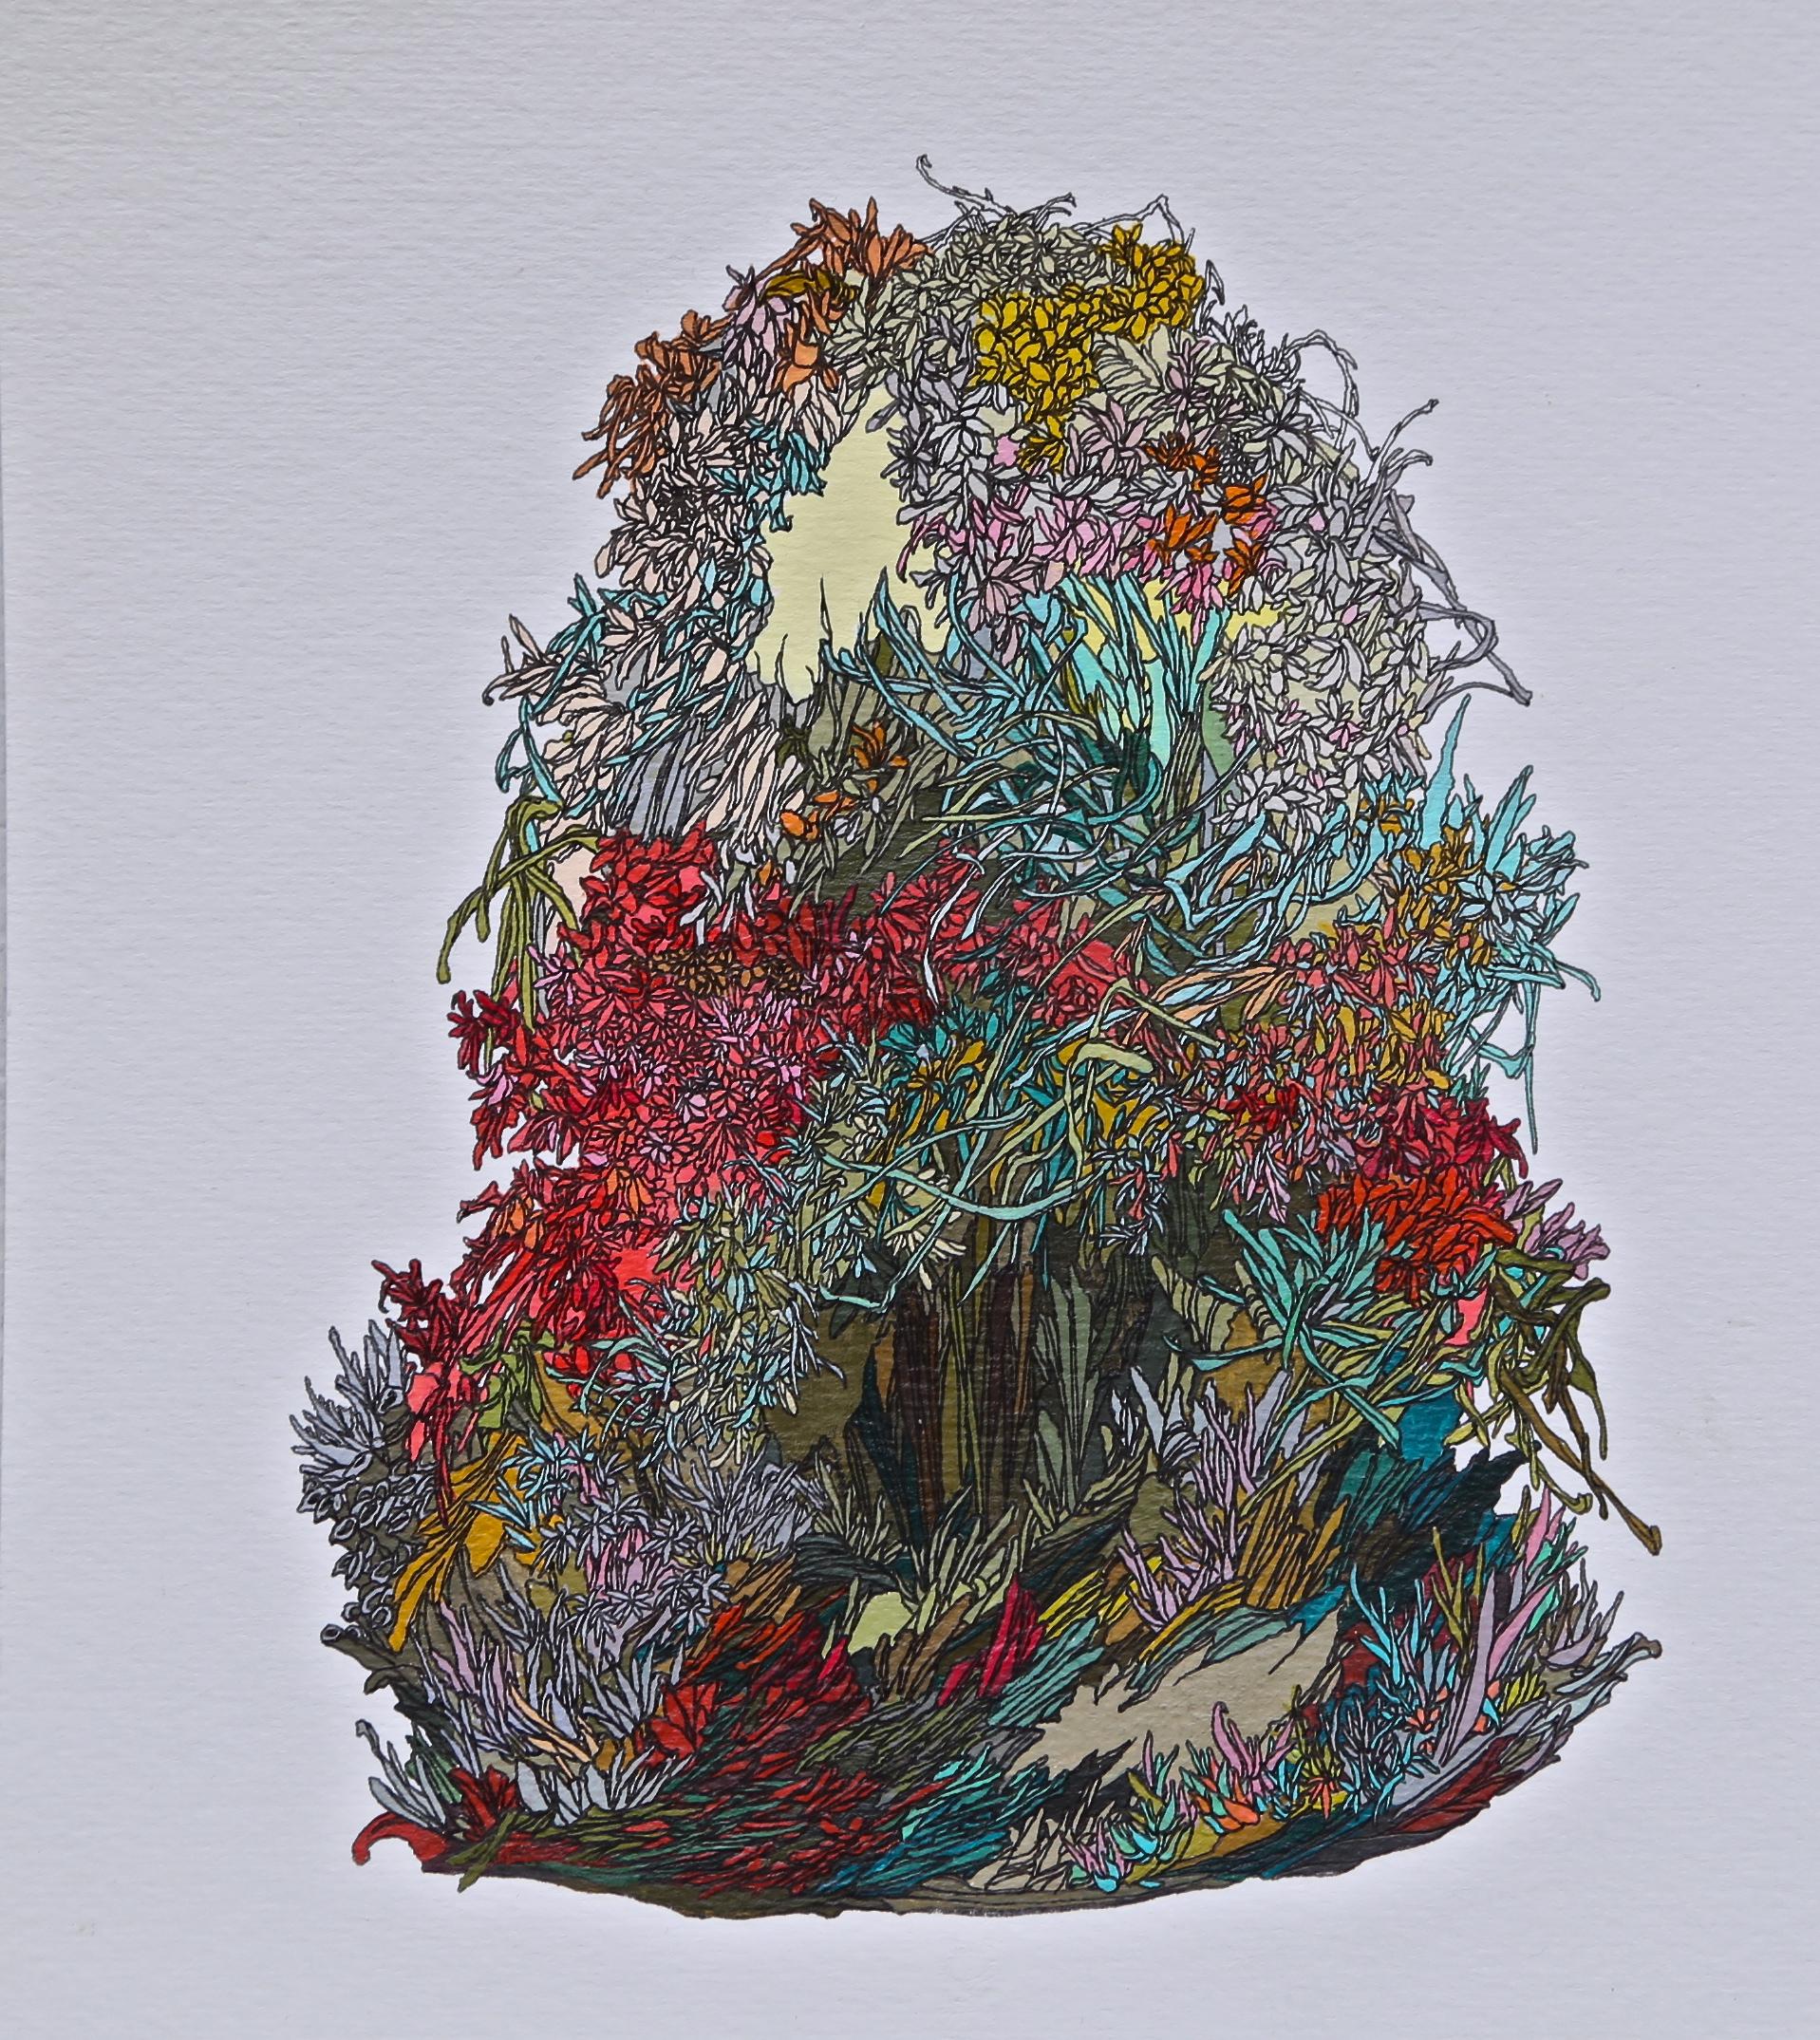 Zhou Fan 周范, Totem I 图腾 1, 2014, Color on paper 纸上墨色, 19 x 12 cm